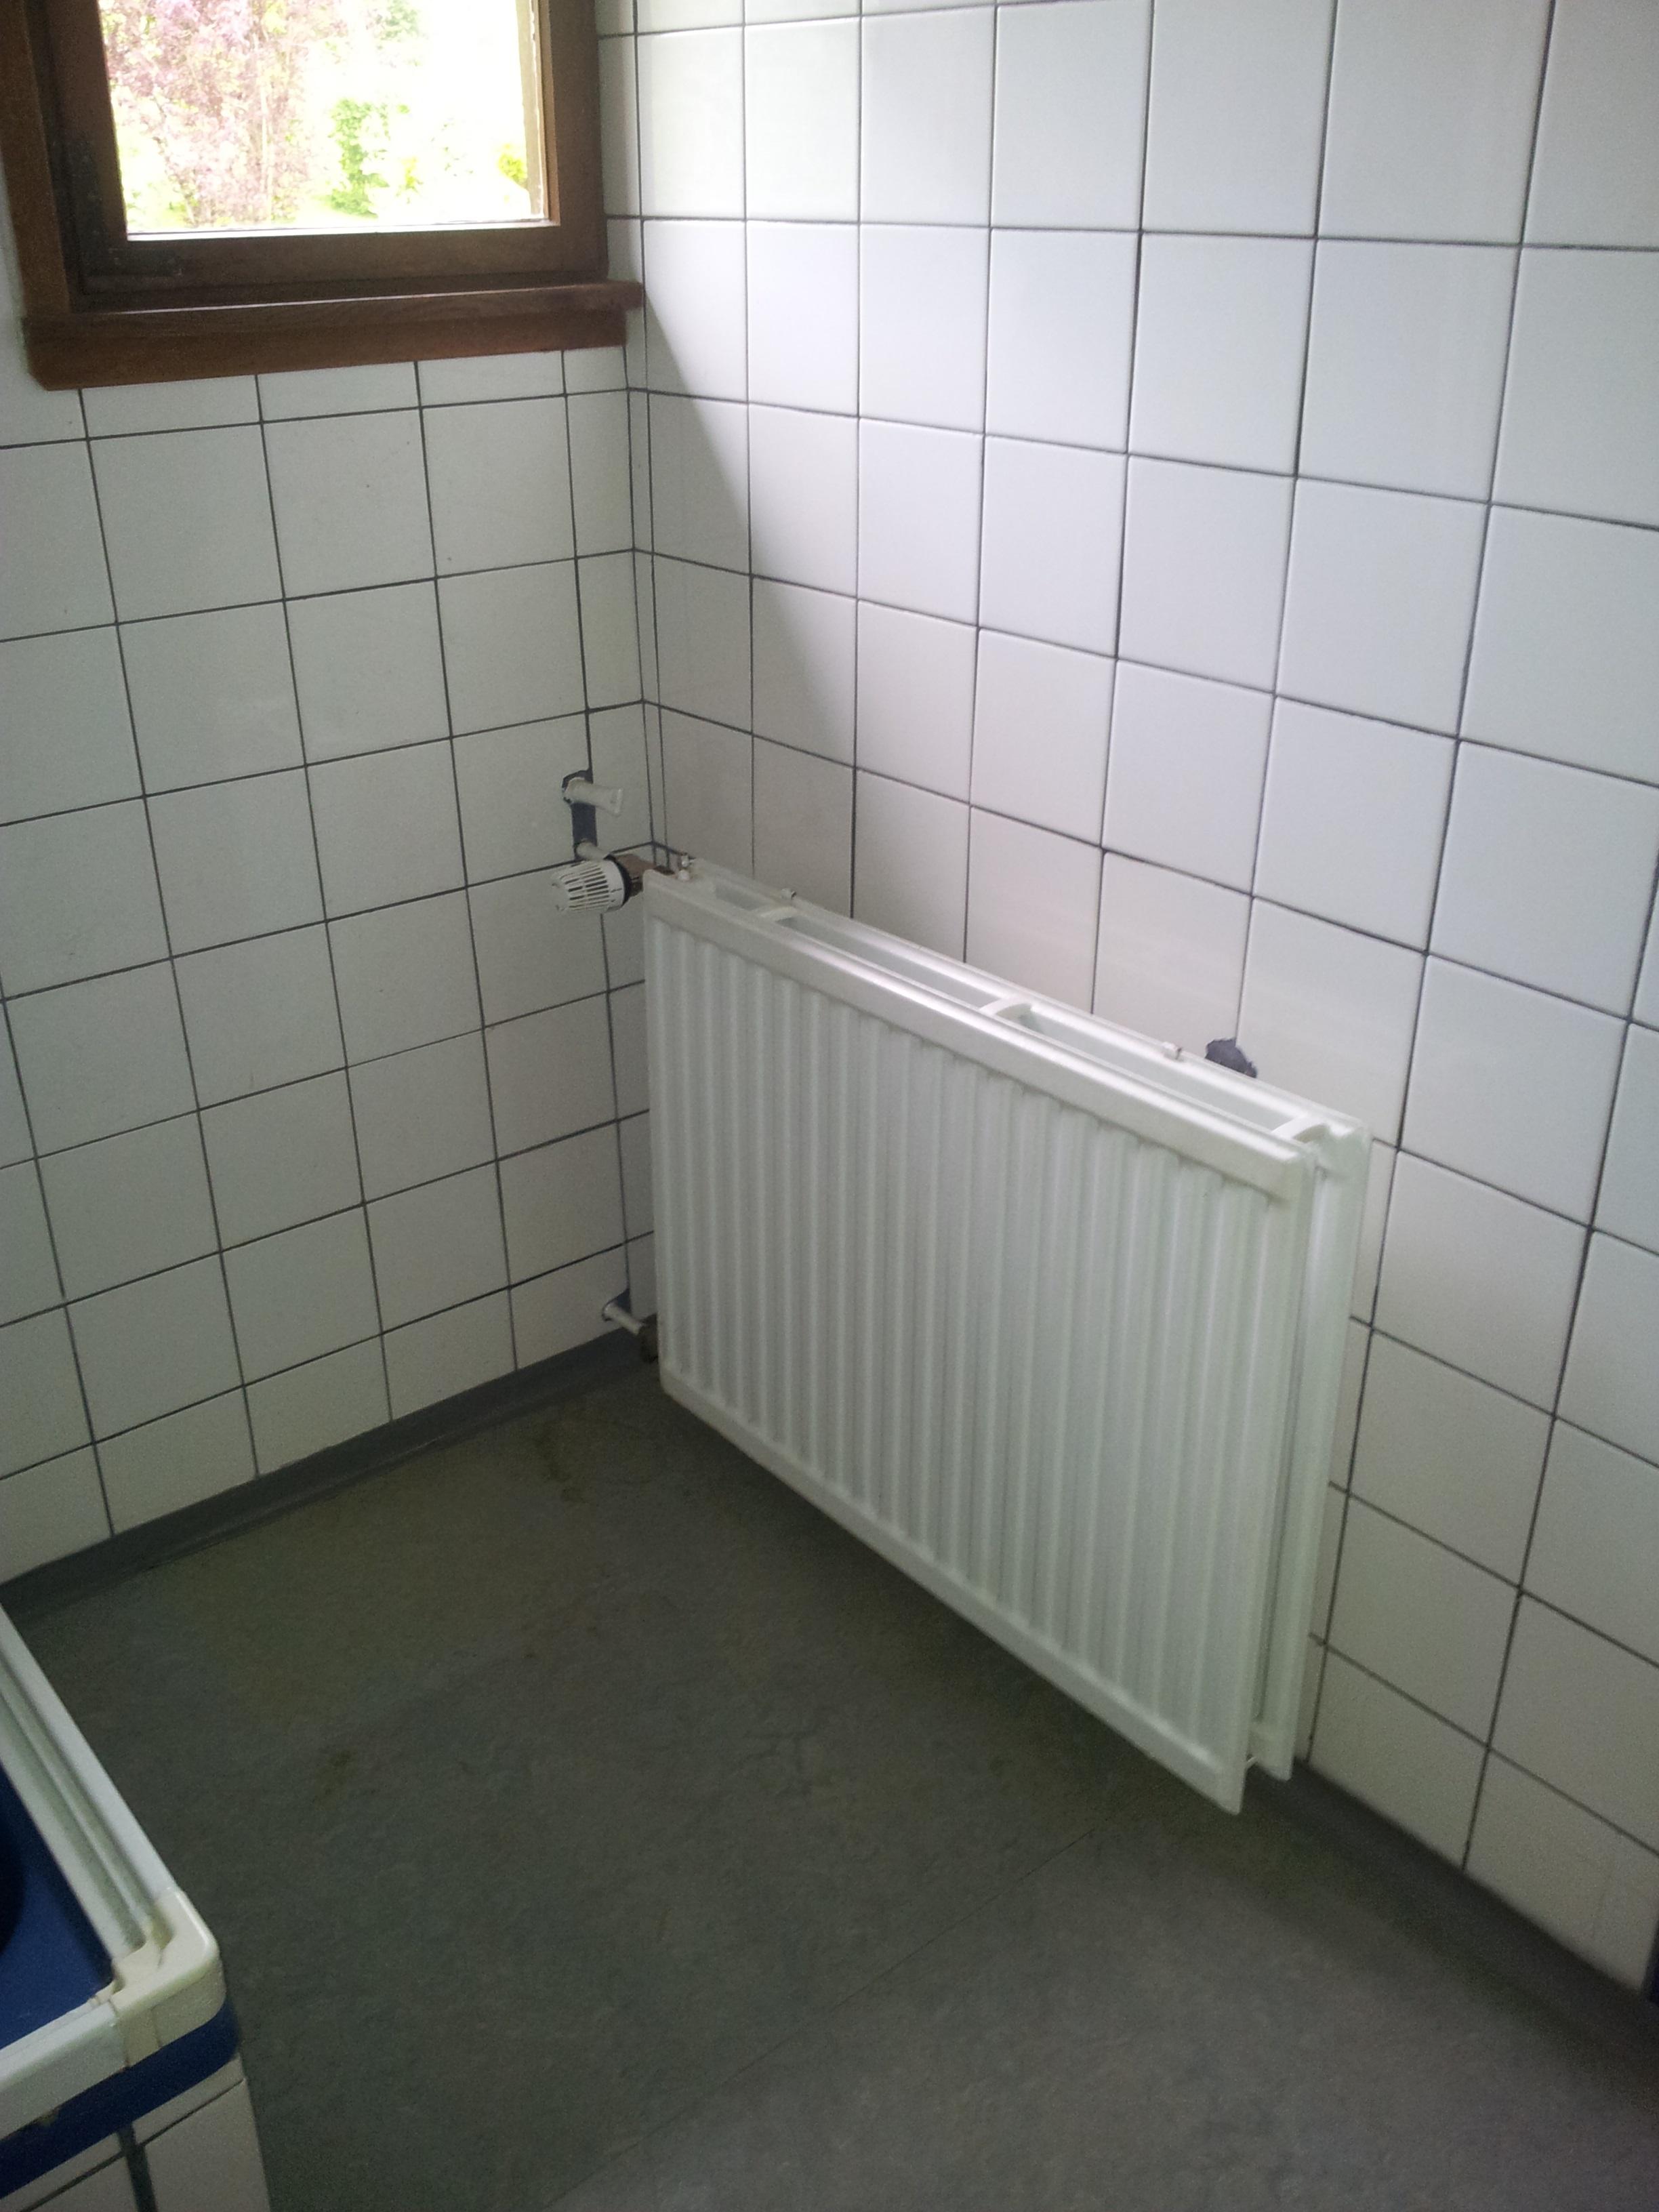 Plattenheizkörper im Bad